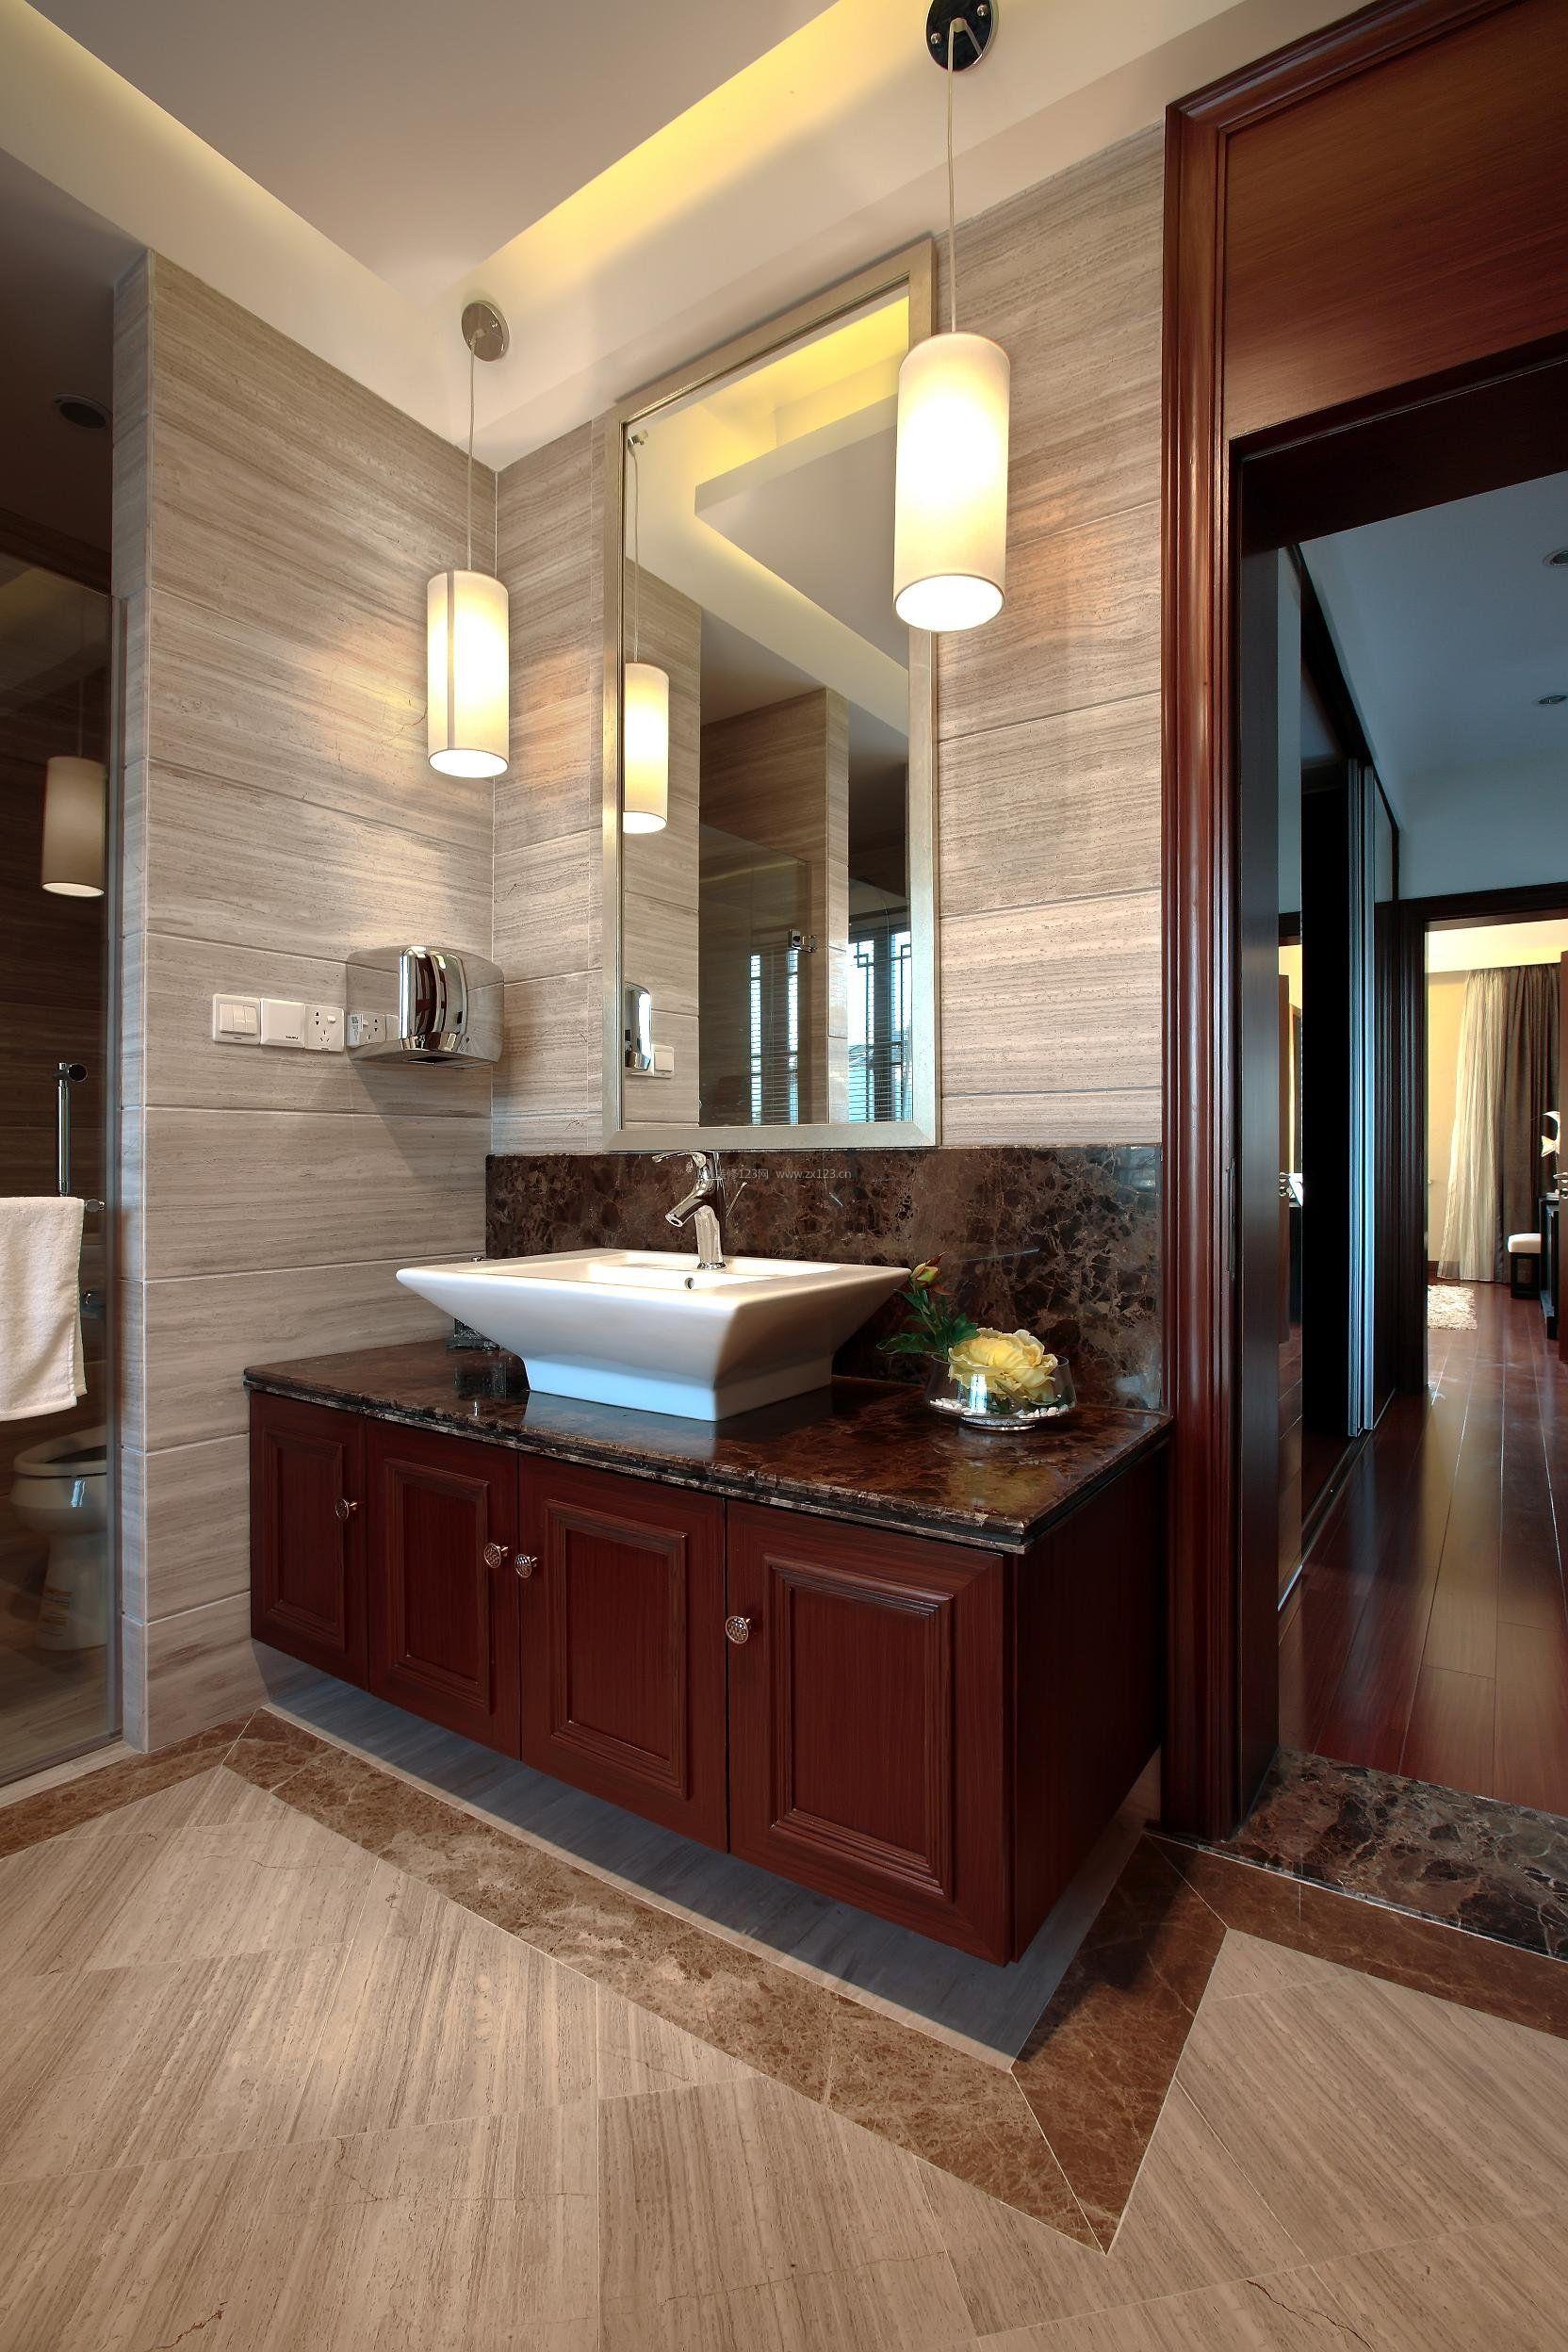 中式简约风格厕所浴室柜装修效果图片